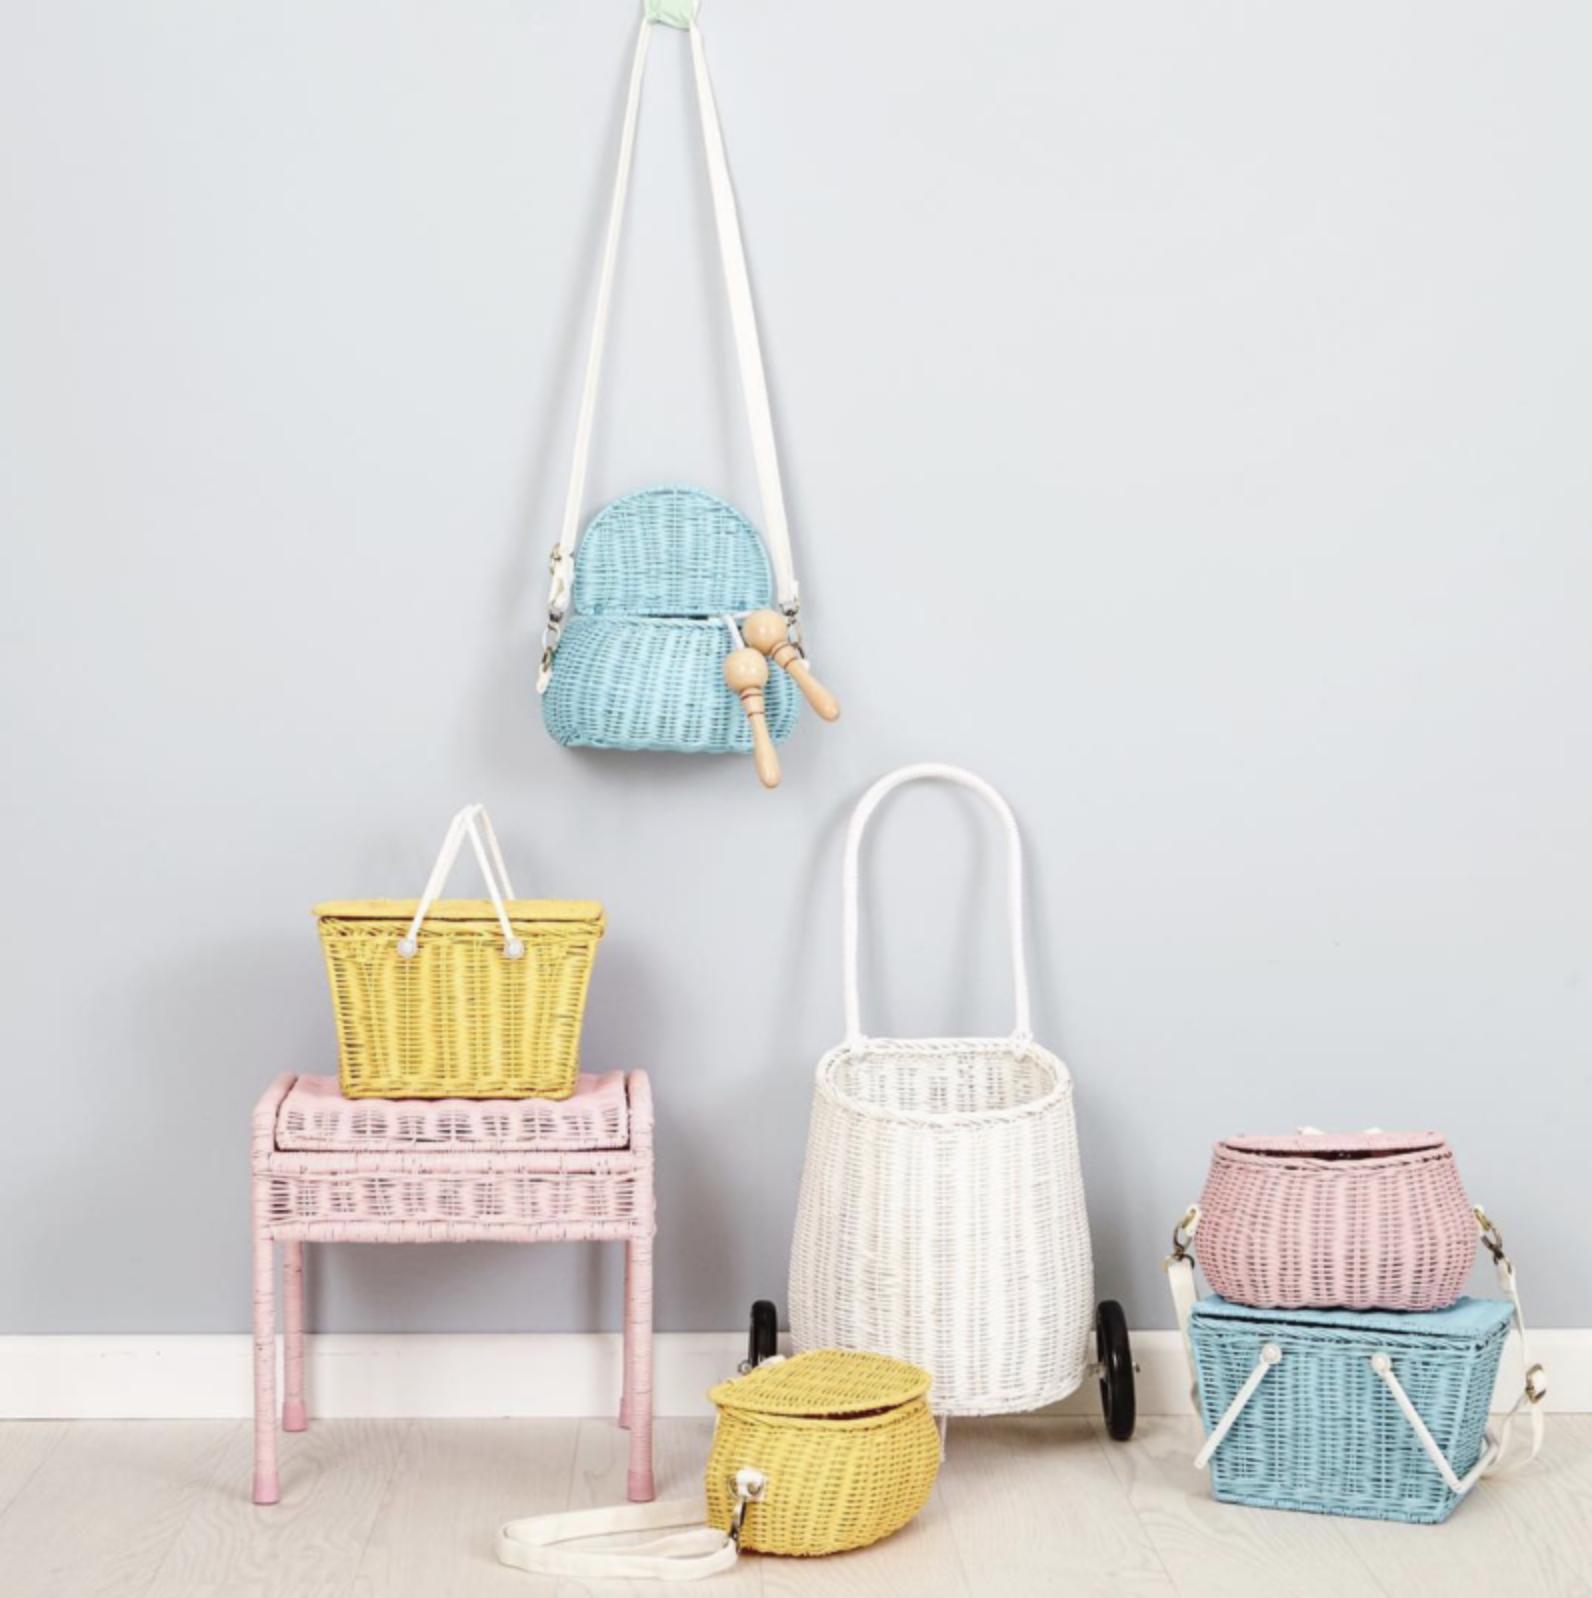 kleurrijk rotan kinderkamer babykamer meubels trolley mandje roze pastel geel blauw kinderkamertrends